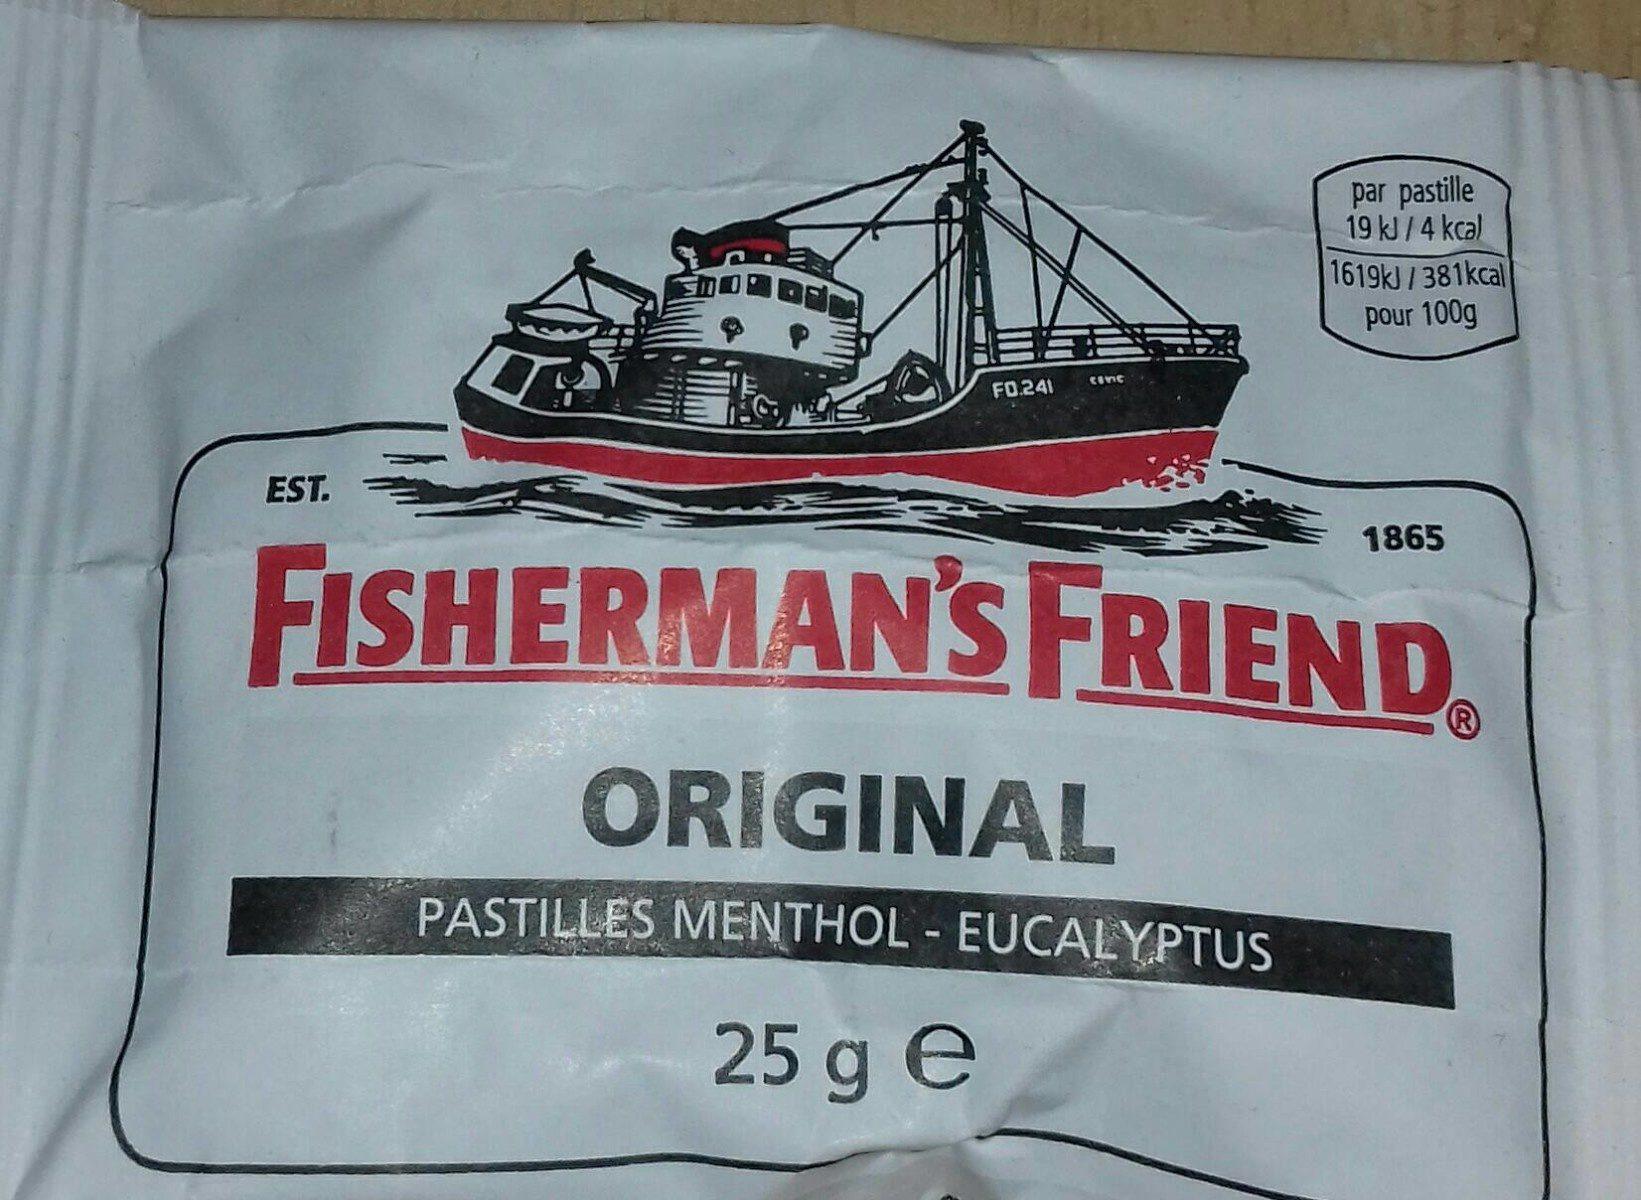 Pastille menthol-eucalyptus - Product